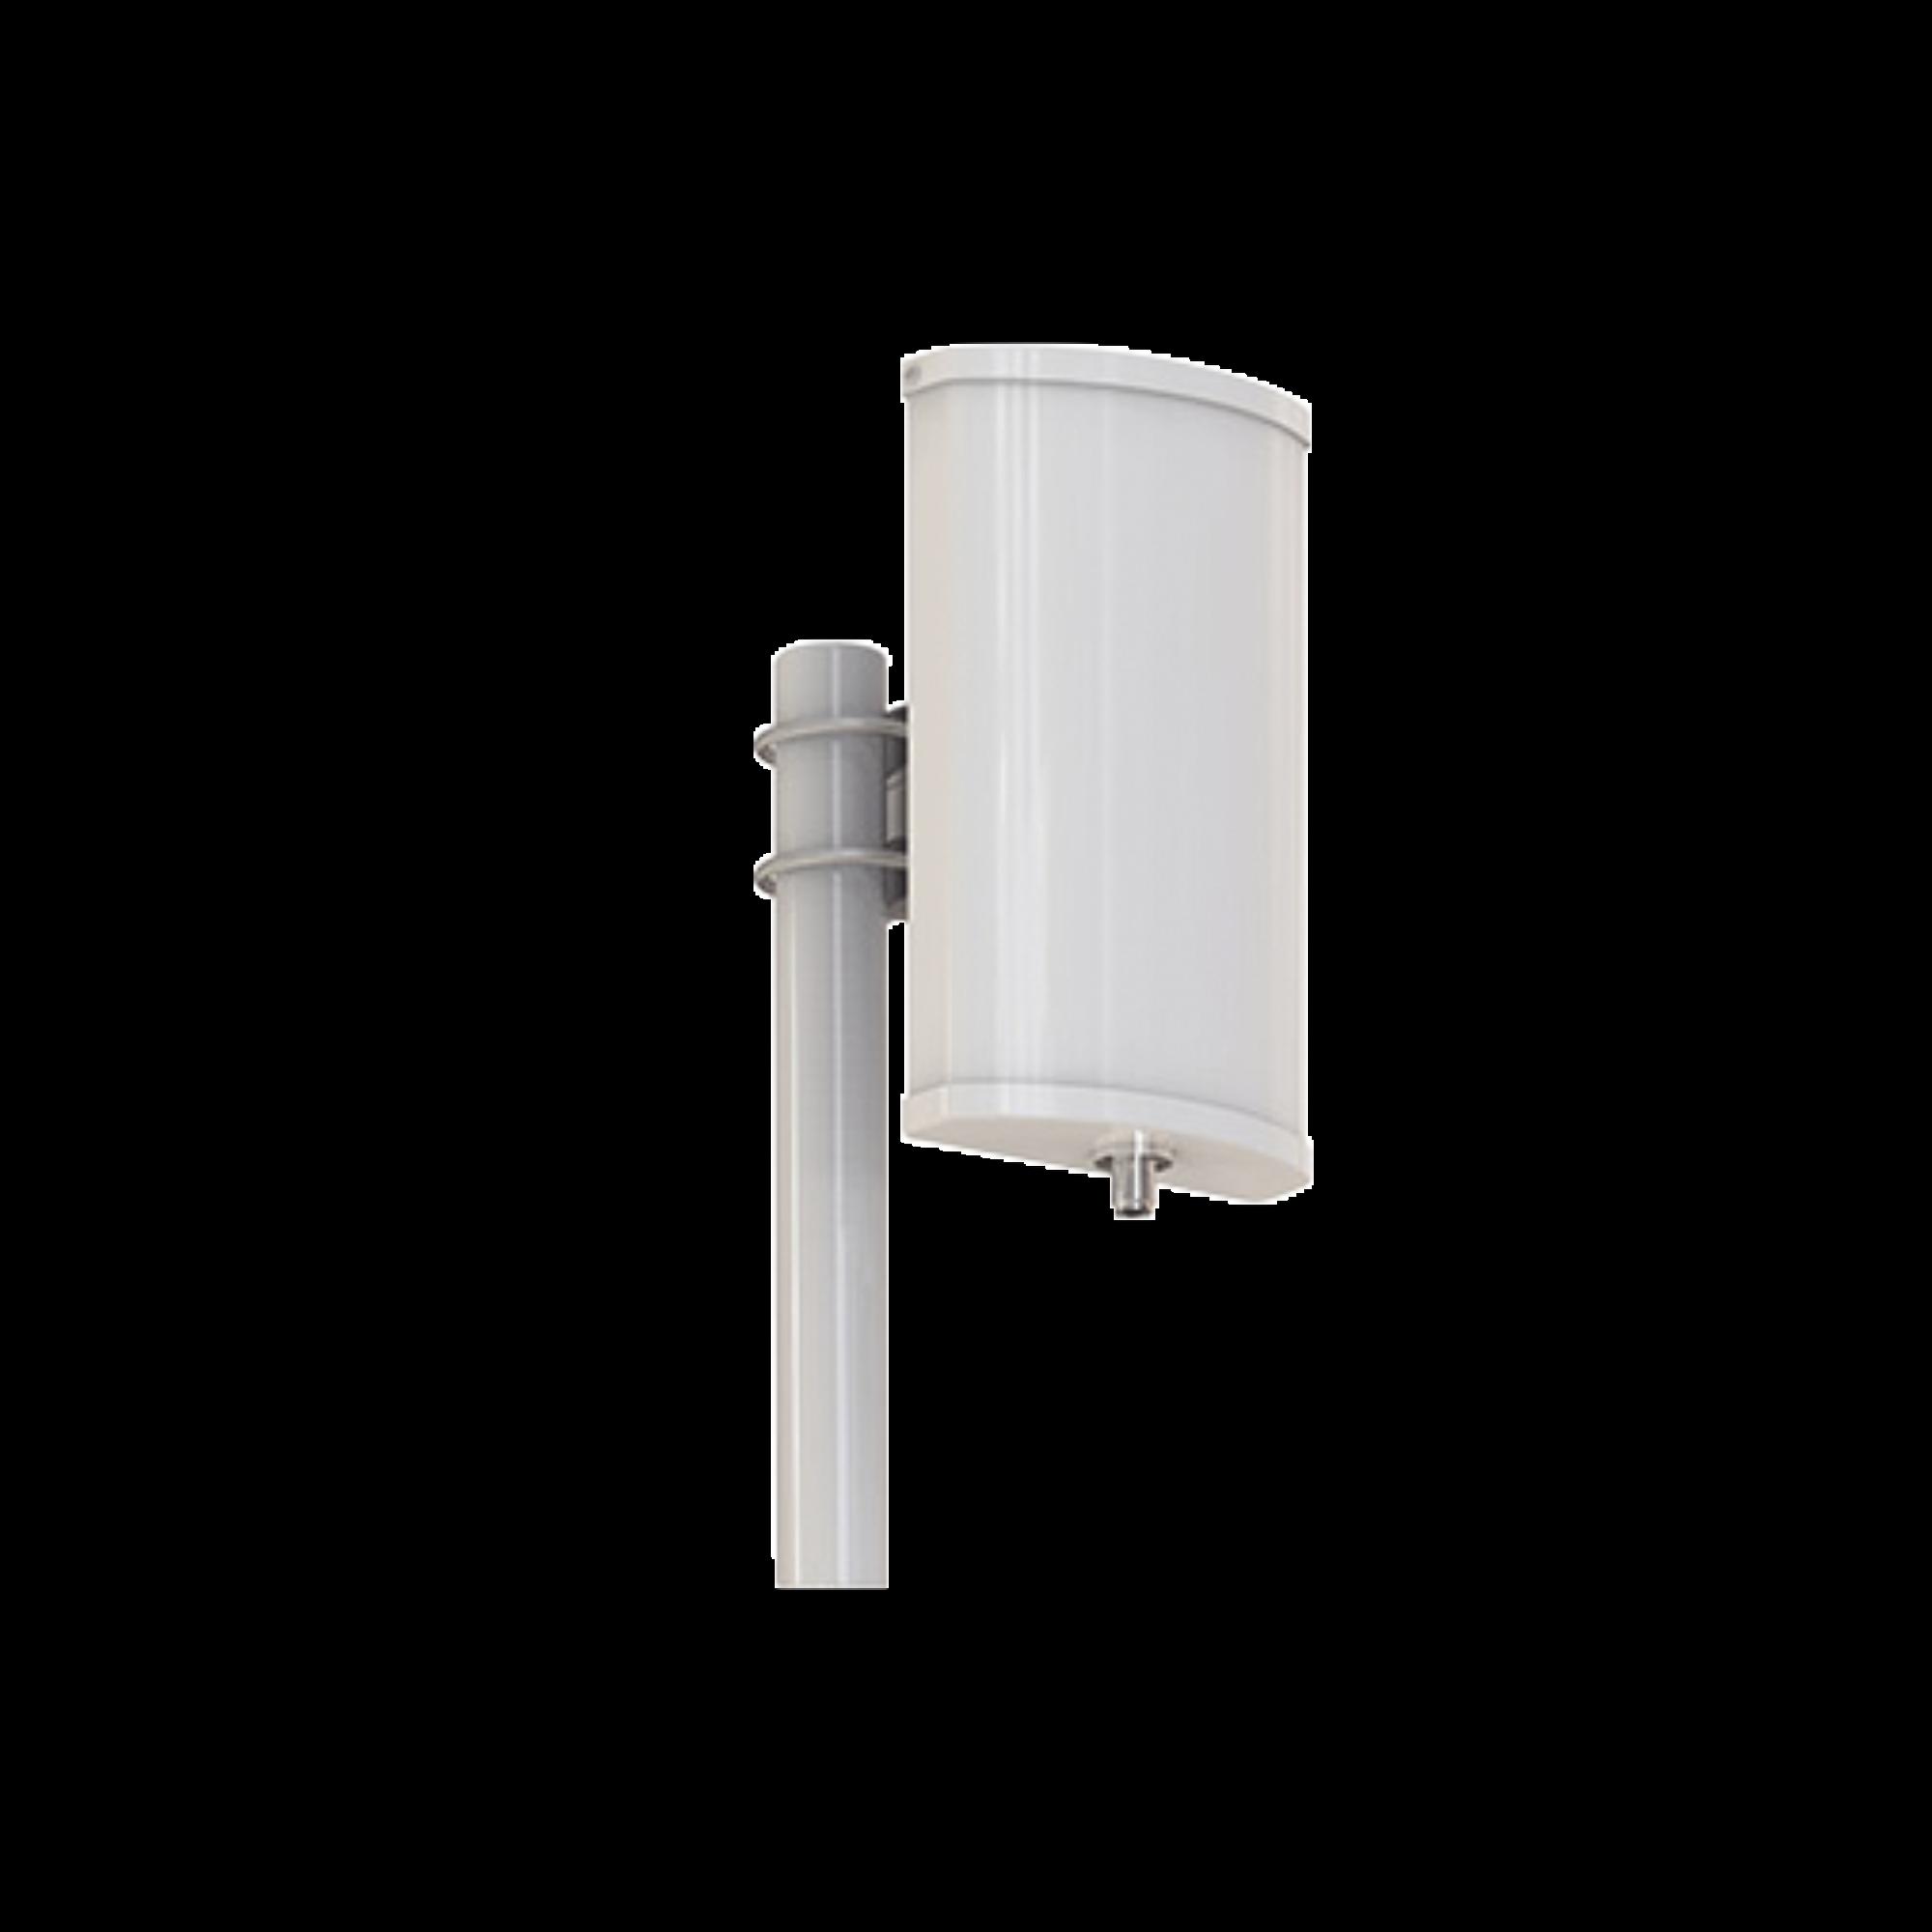 Antena 2.4 GHz Sectorial 120?, ganancia 11 dBi, conector N- hembra, incluye montaje, peso de 2.5 kg